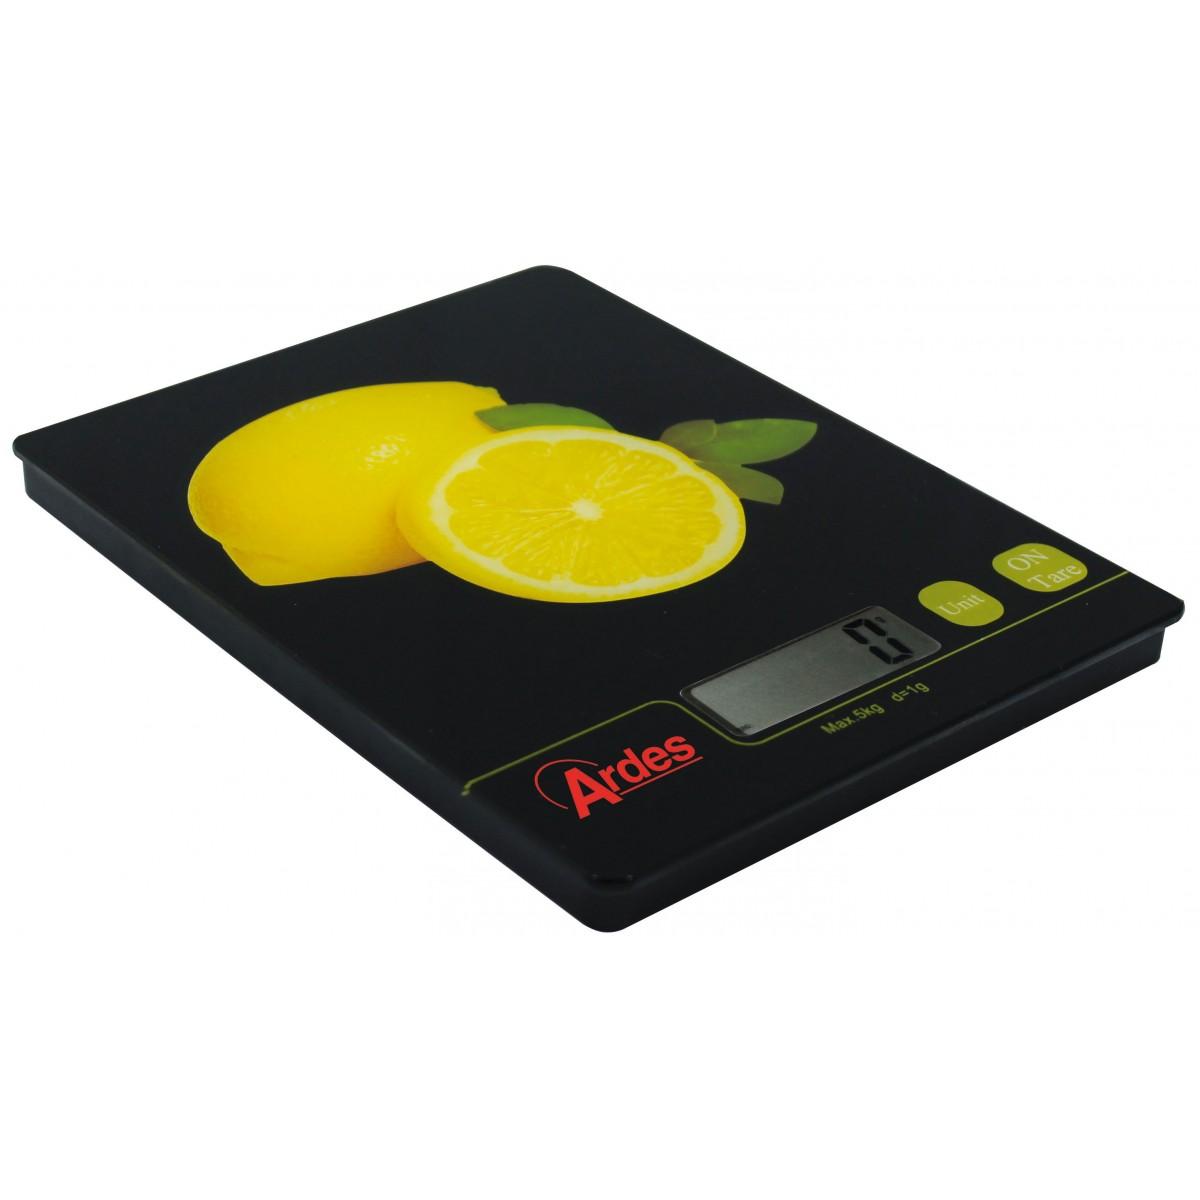 Bascula de cocina digital limon ar870limon - Basculas para cocina ...